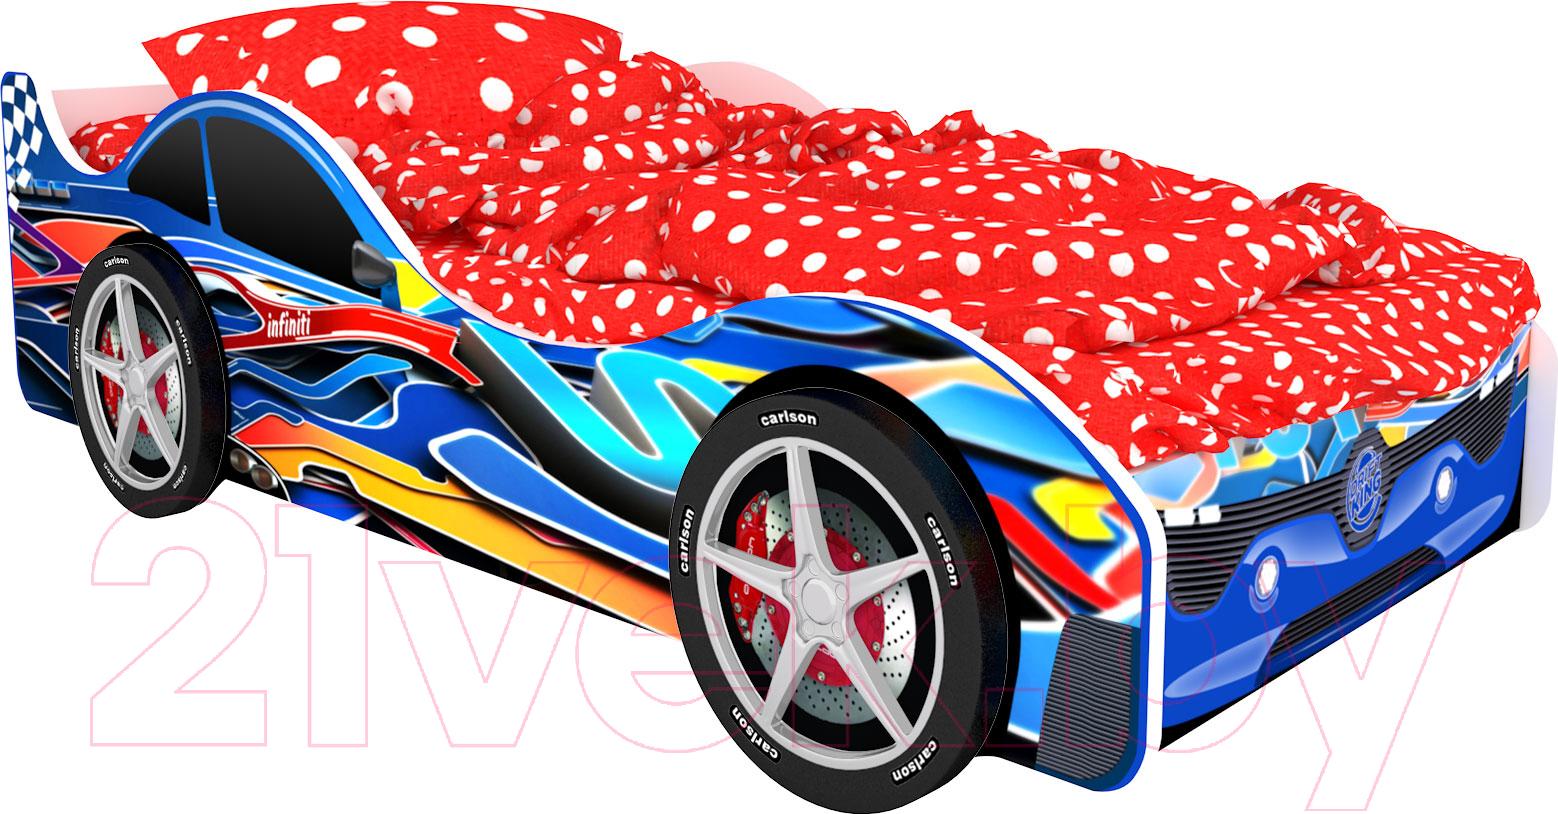 Купить Детская кровать-машинка КарлСон, Город Барселона, Россия